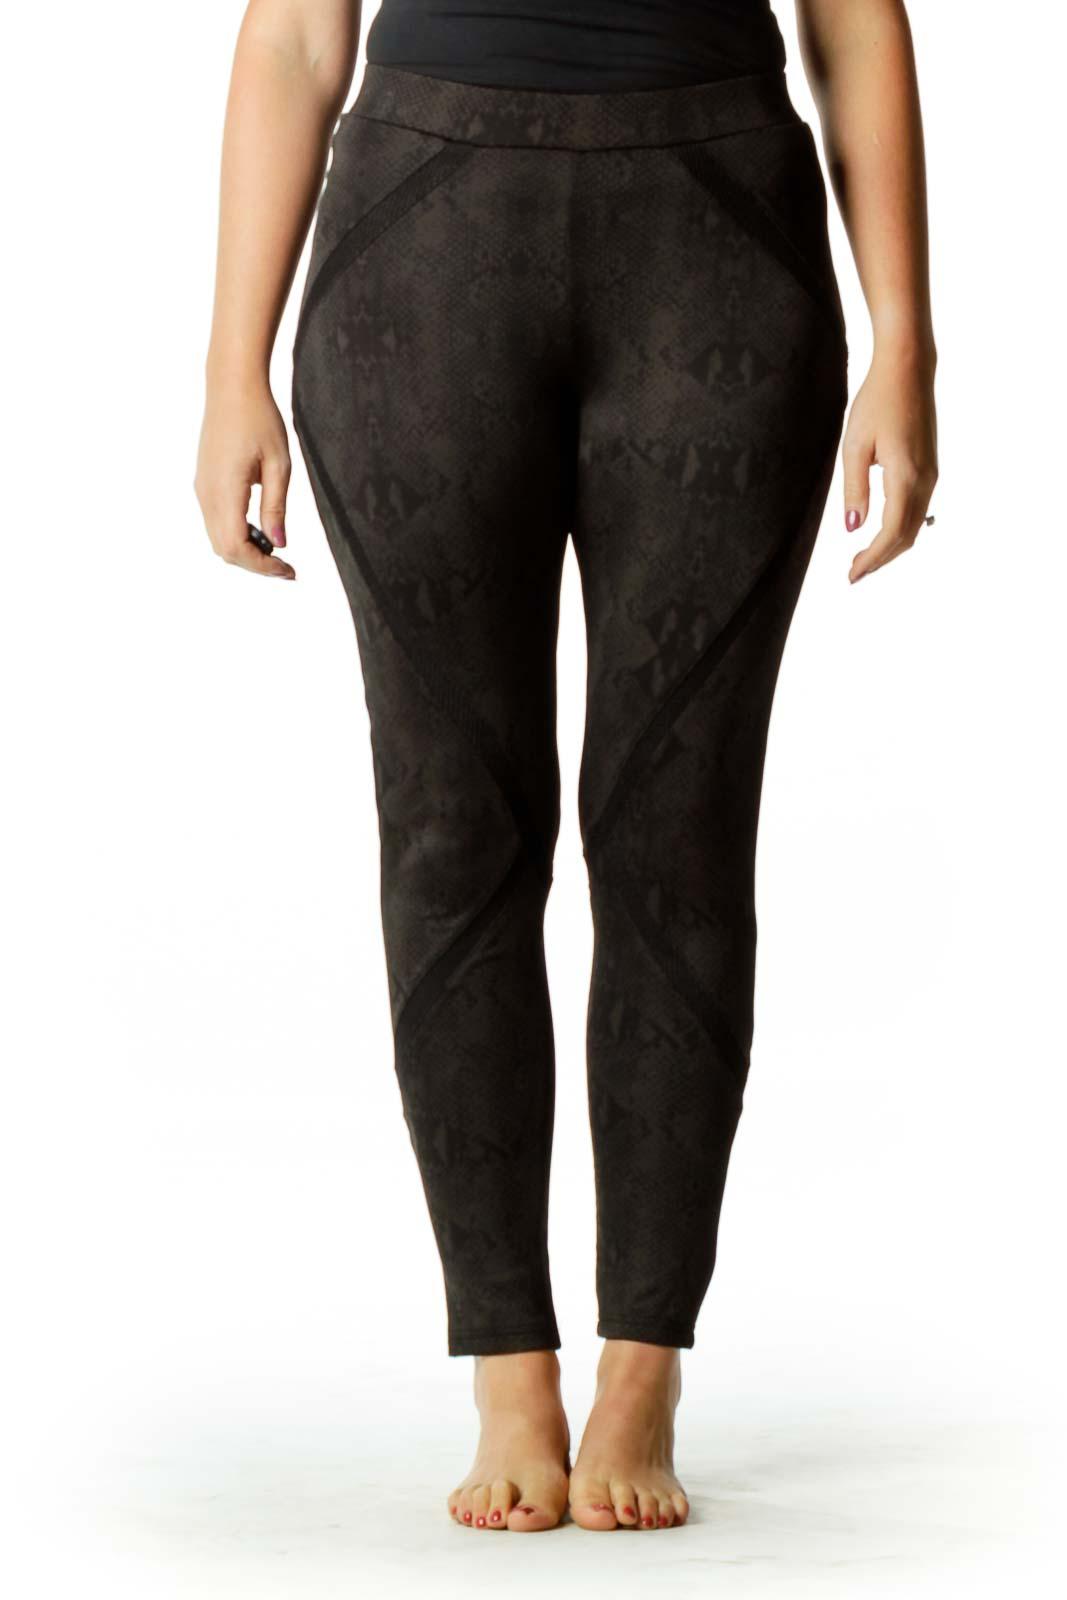 Black Snake Skin Print Leggings